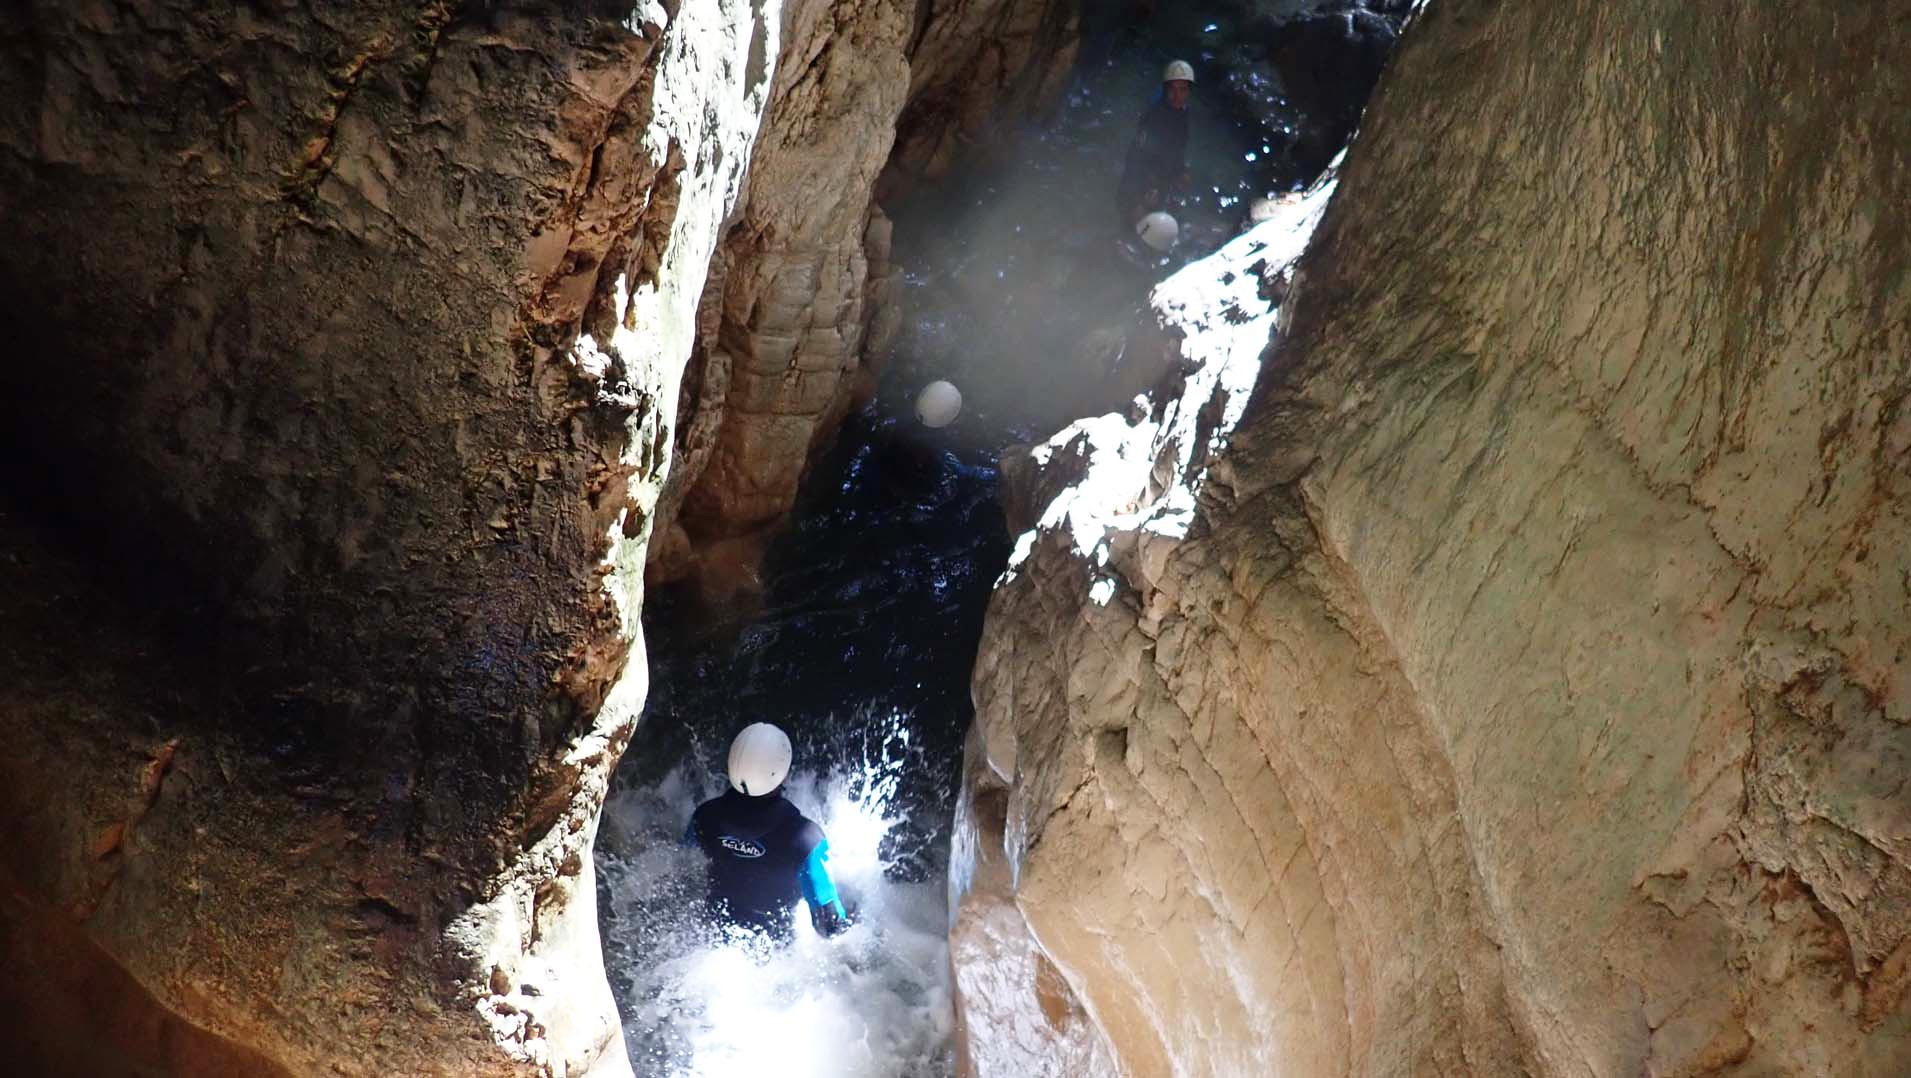 activité ludique et sportive canyoning